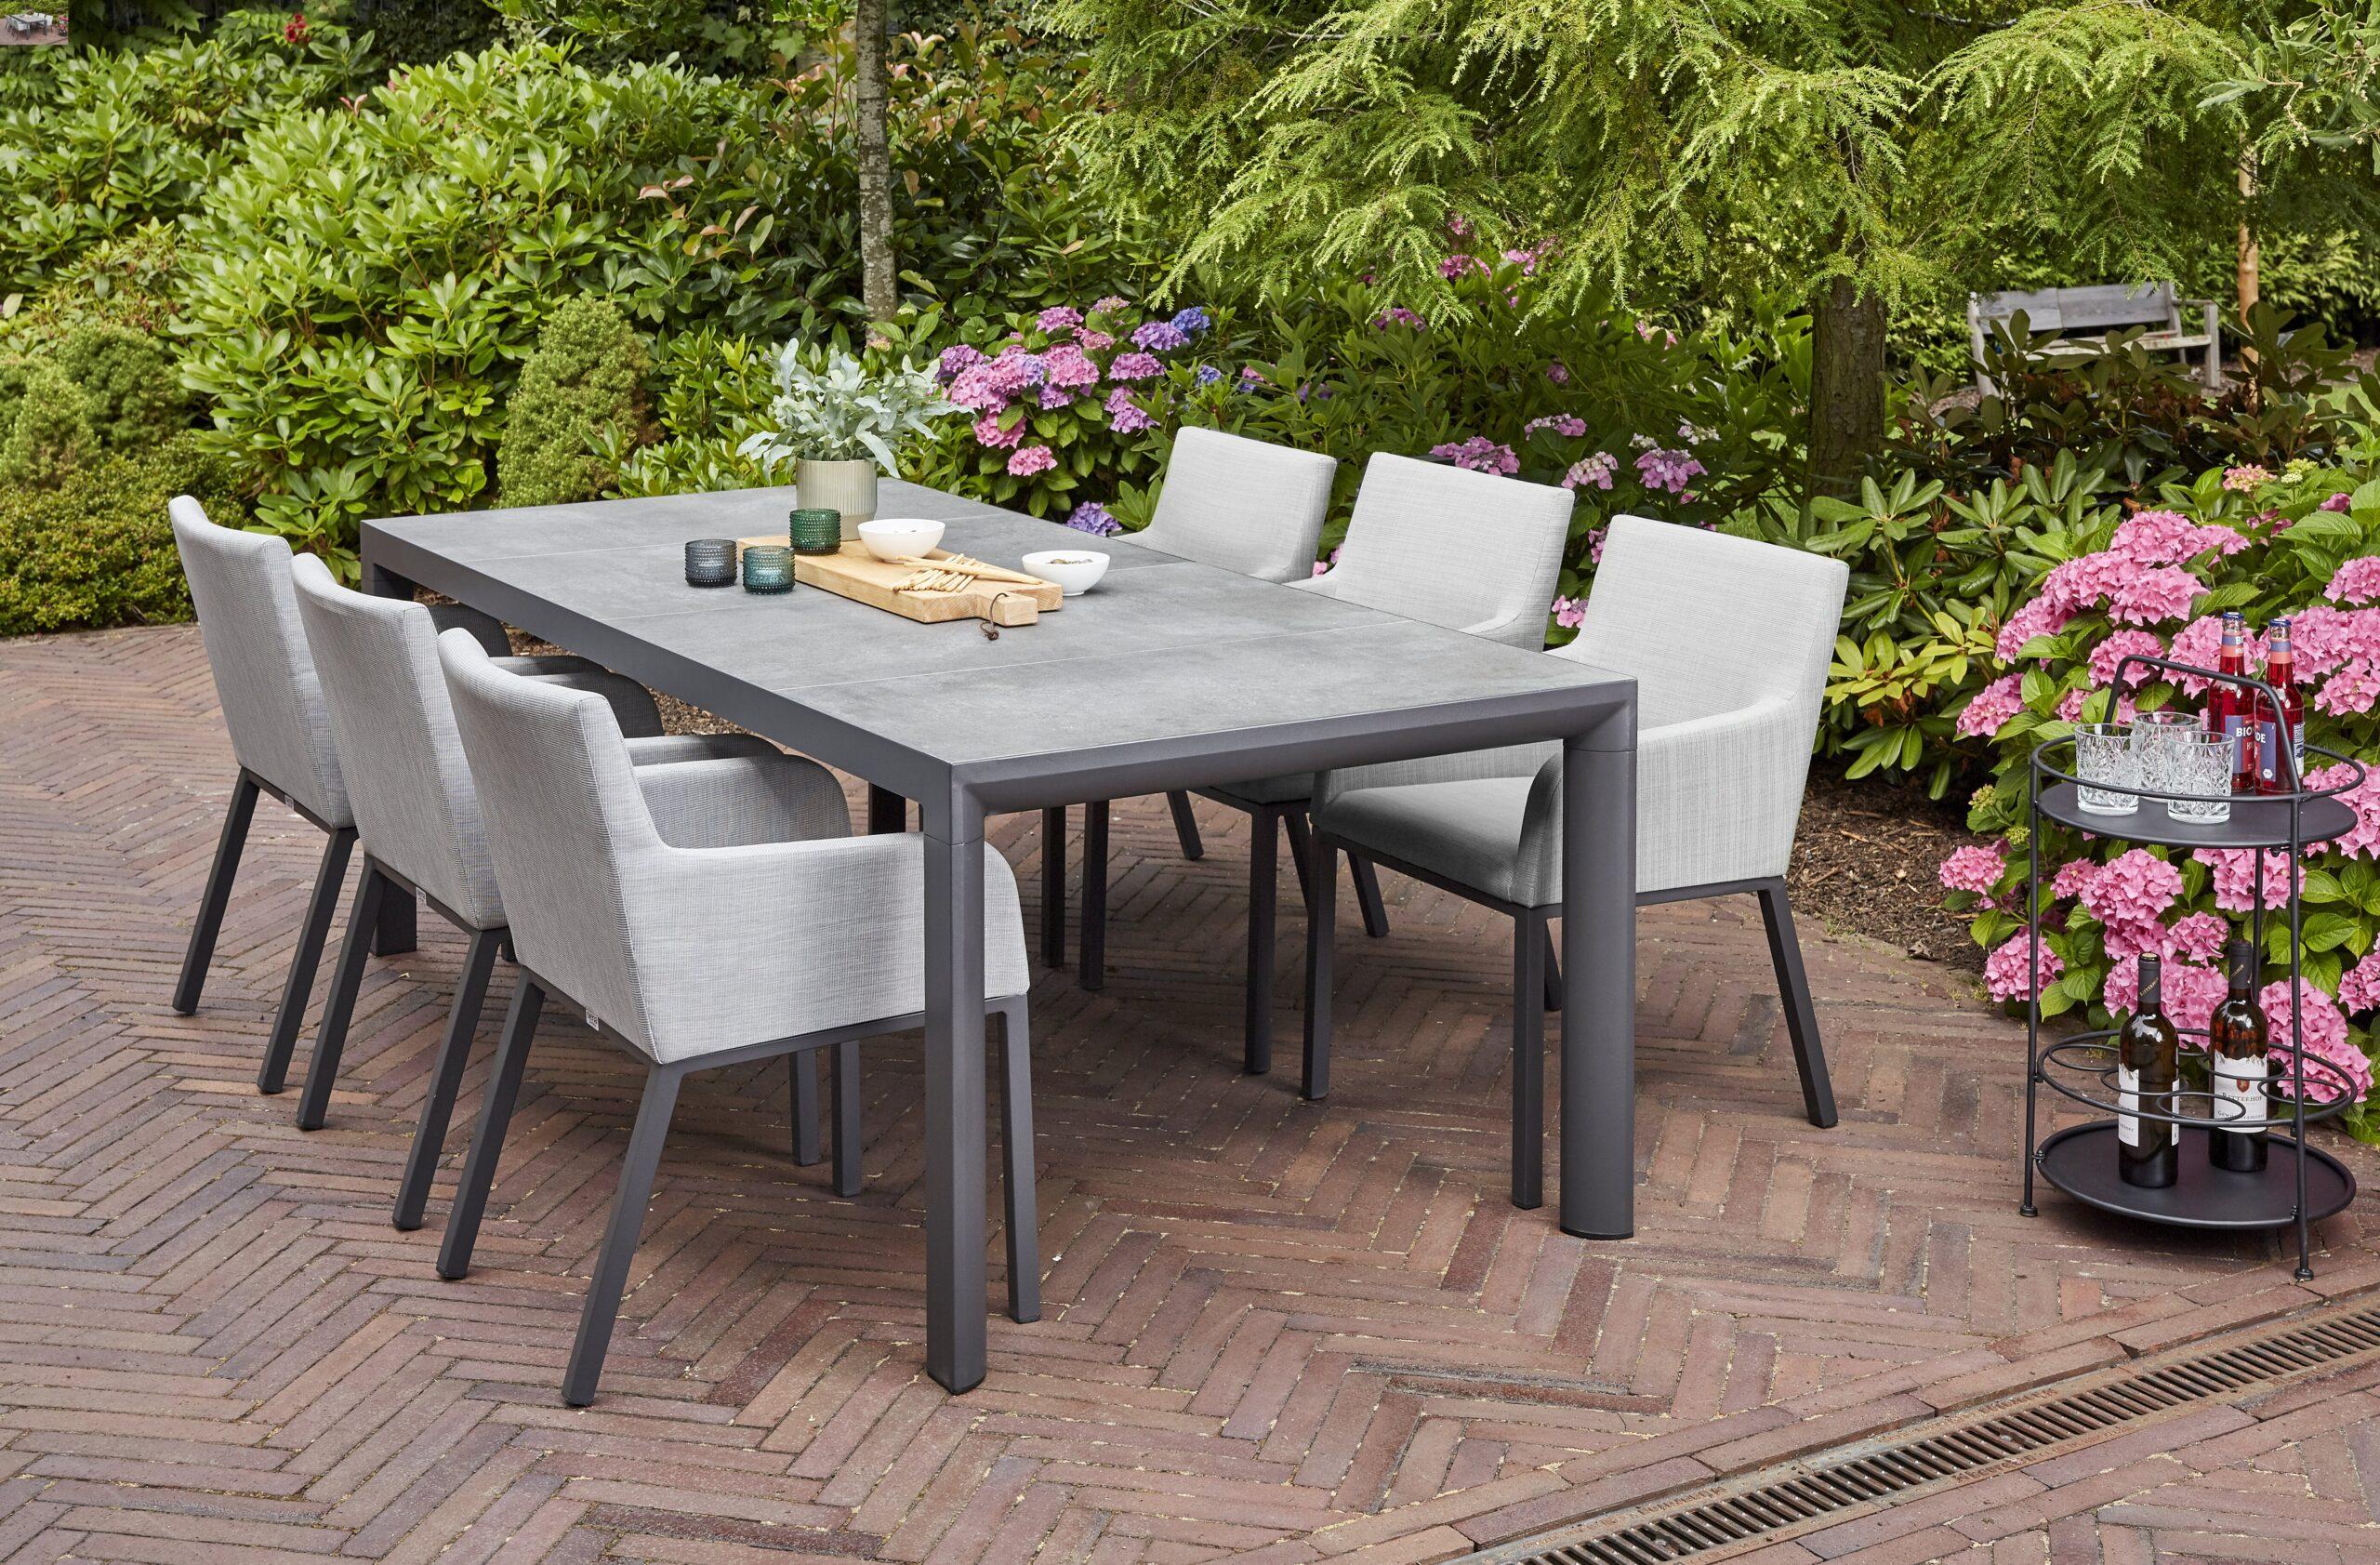 Full Size of Dining Tisch Carlos Mbel Inhofer Wohnzimmer Siena Sincro